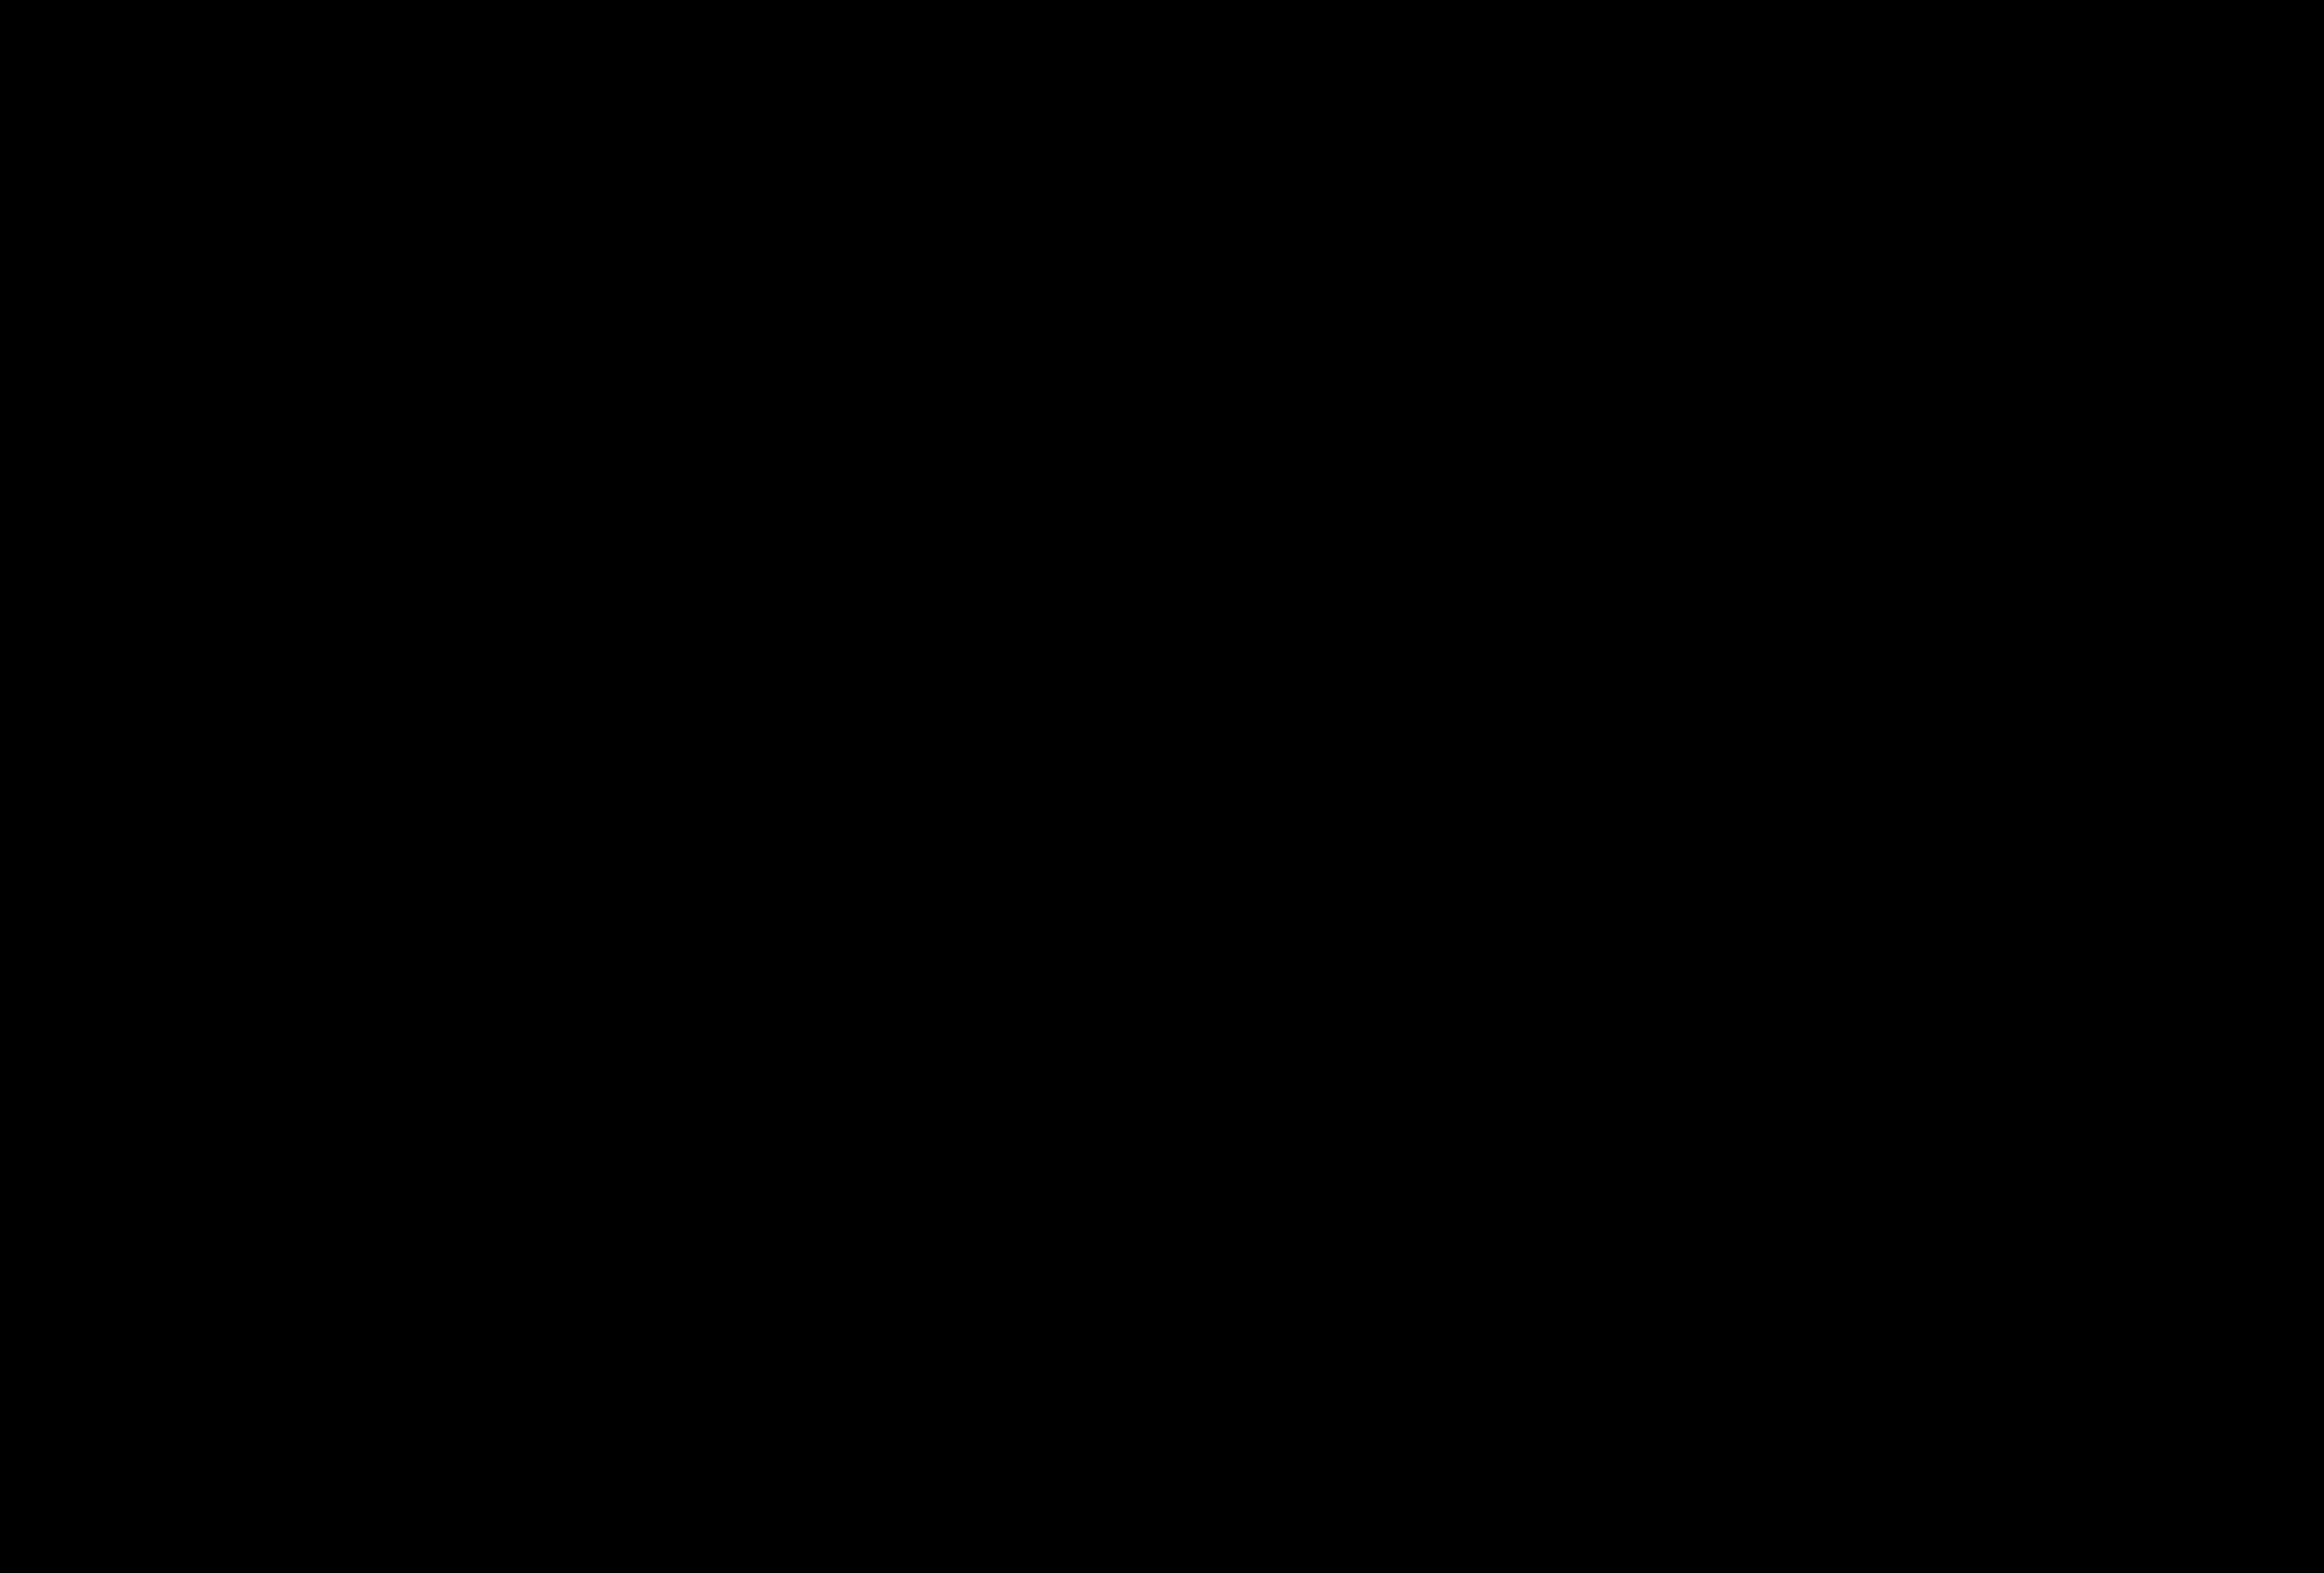 future farmer image